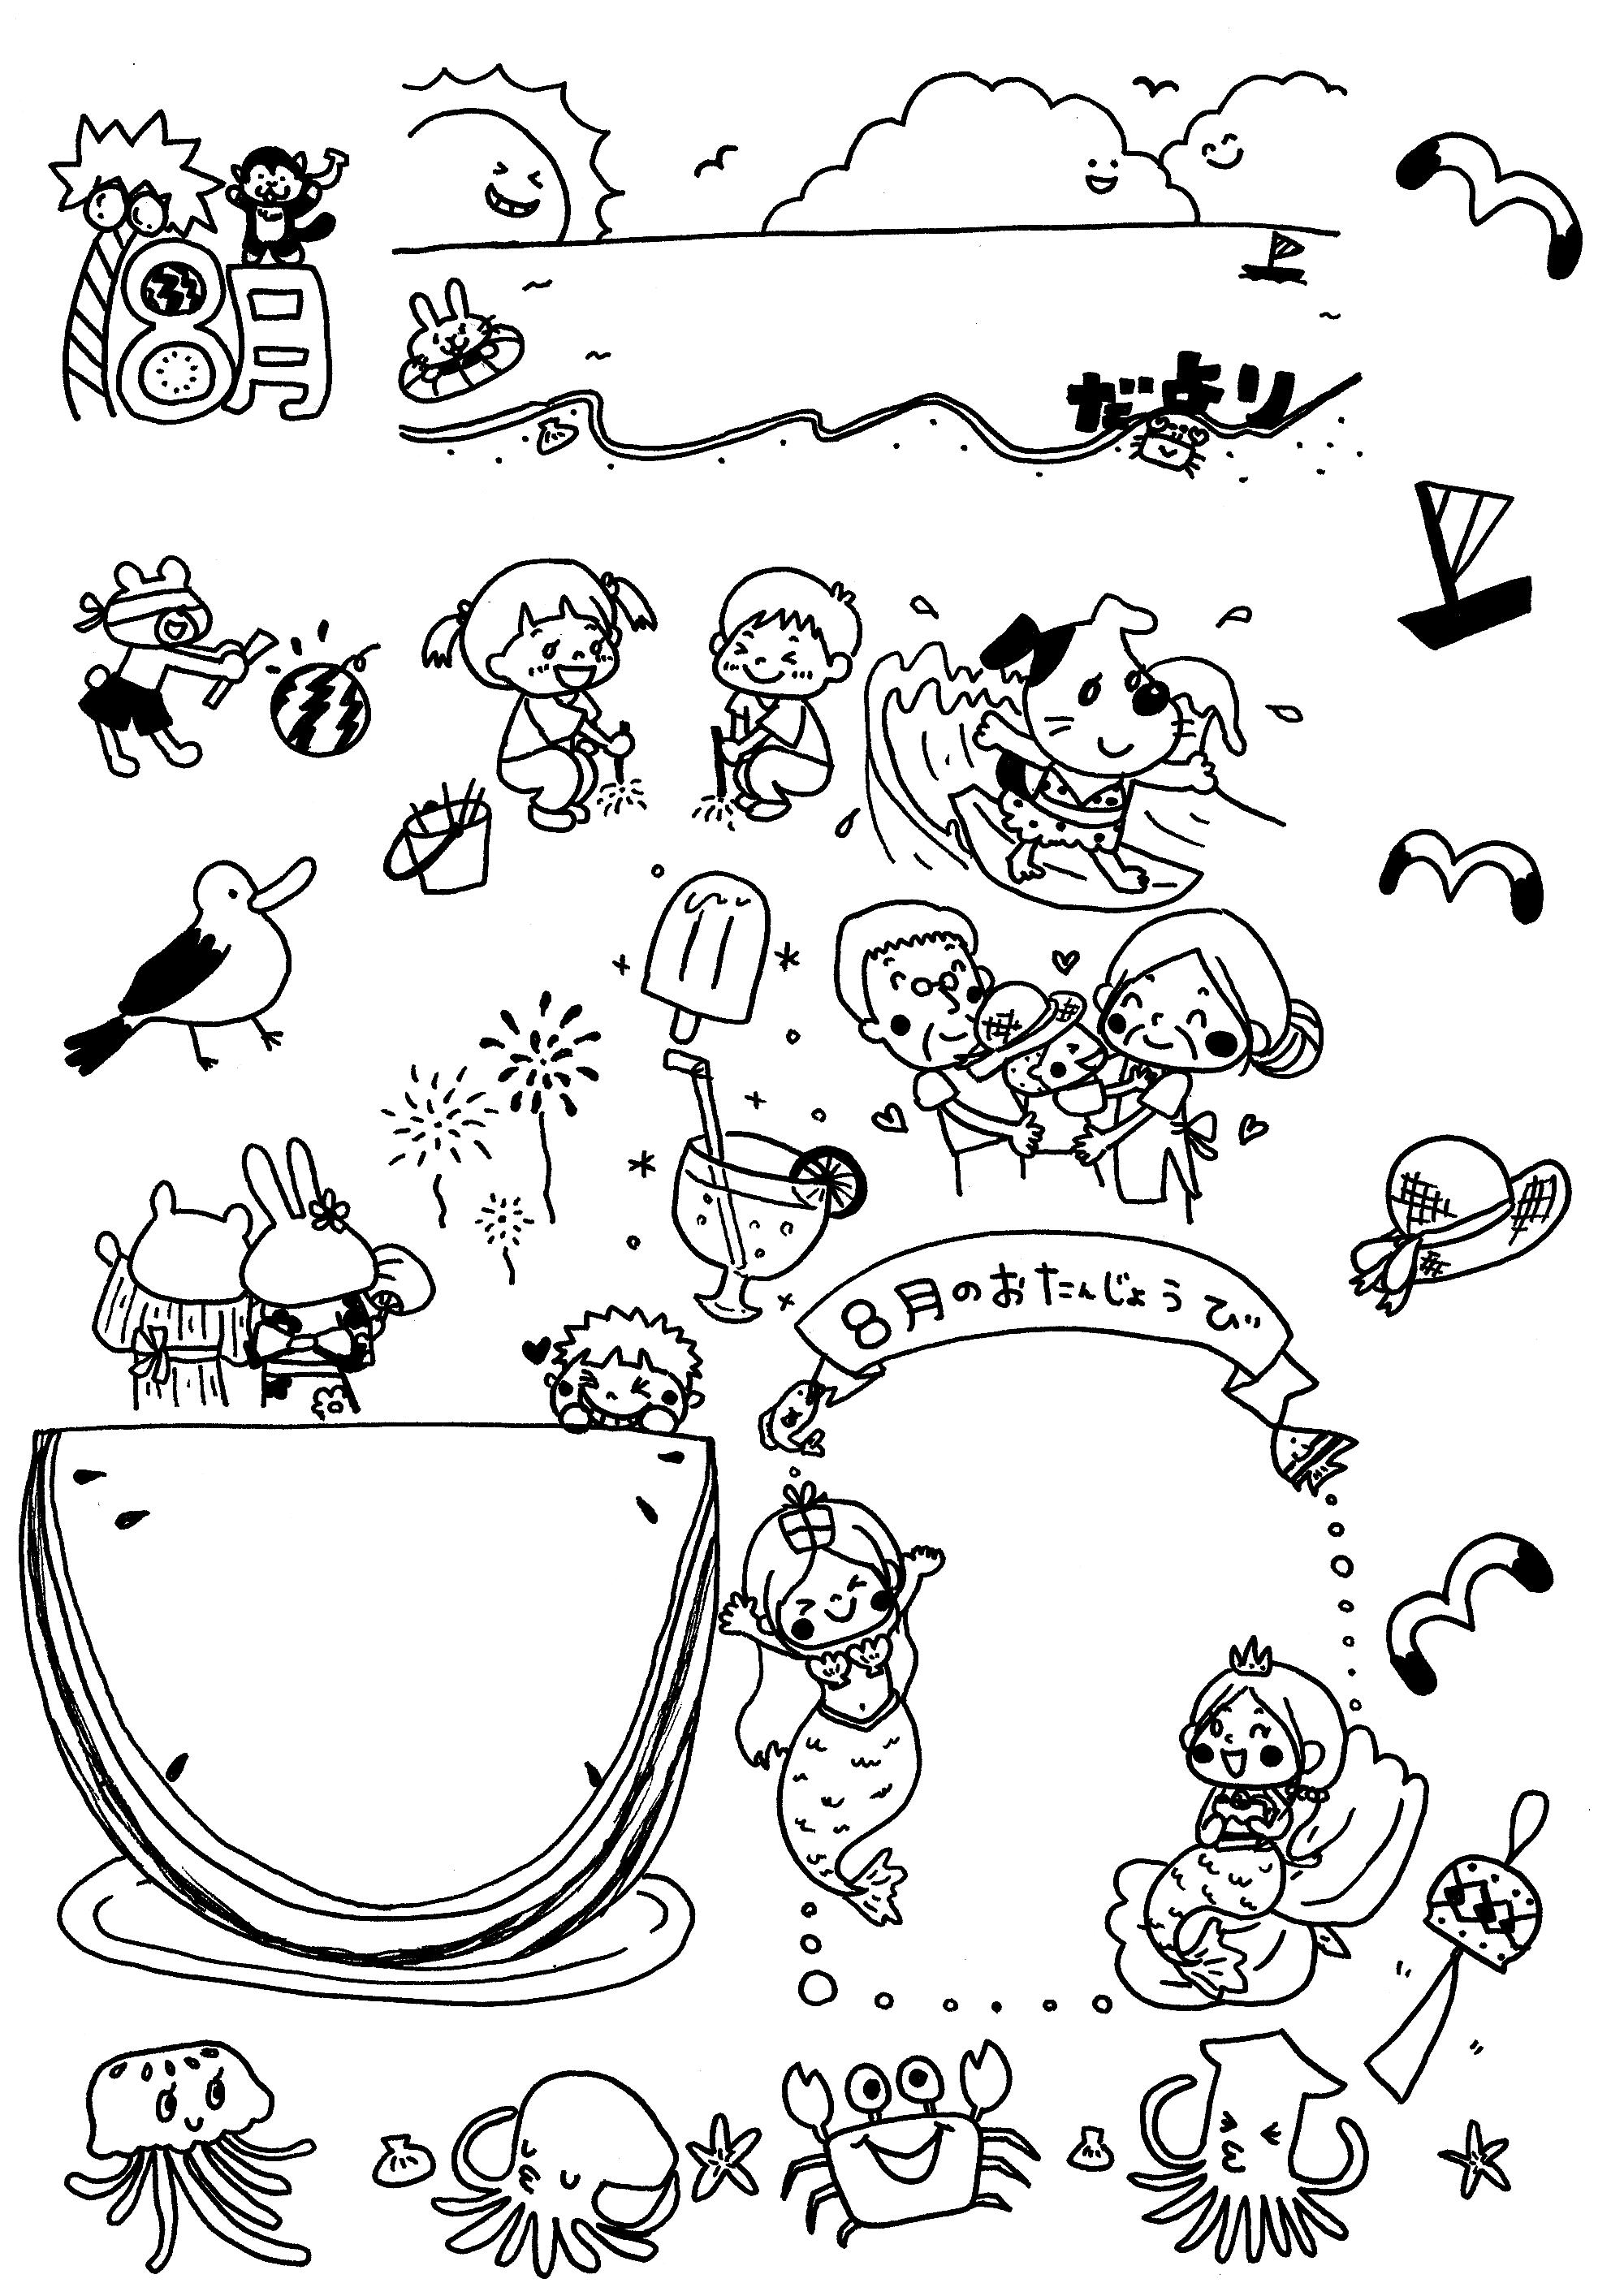 無料 8月のおたよりイラスト挿絵素材配布 お泊り保育 夏休み 花火 すいか割り 海の生き物 キャンプファイヤー 肝試し 保育園 幼稚園にのクラスだより最適 男性保育士あつみ先生の保育日誌 おすすめ絵本と制作アイデア